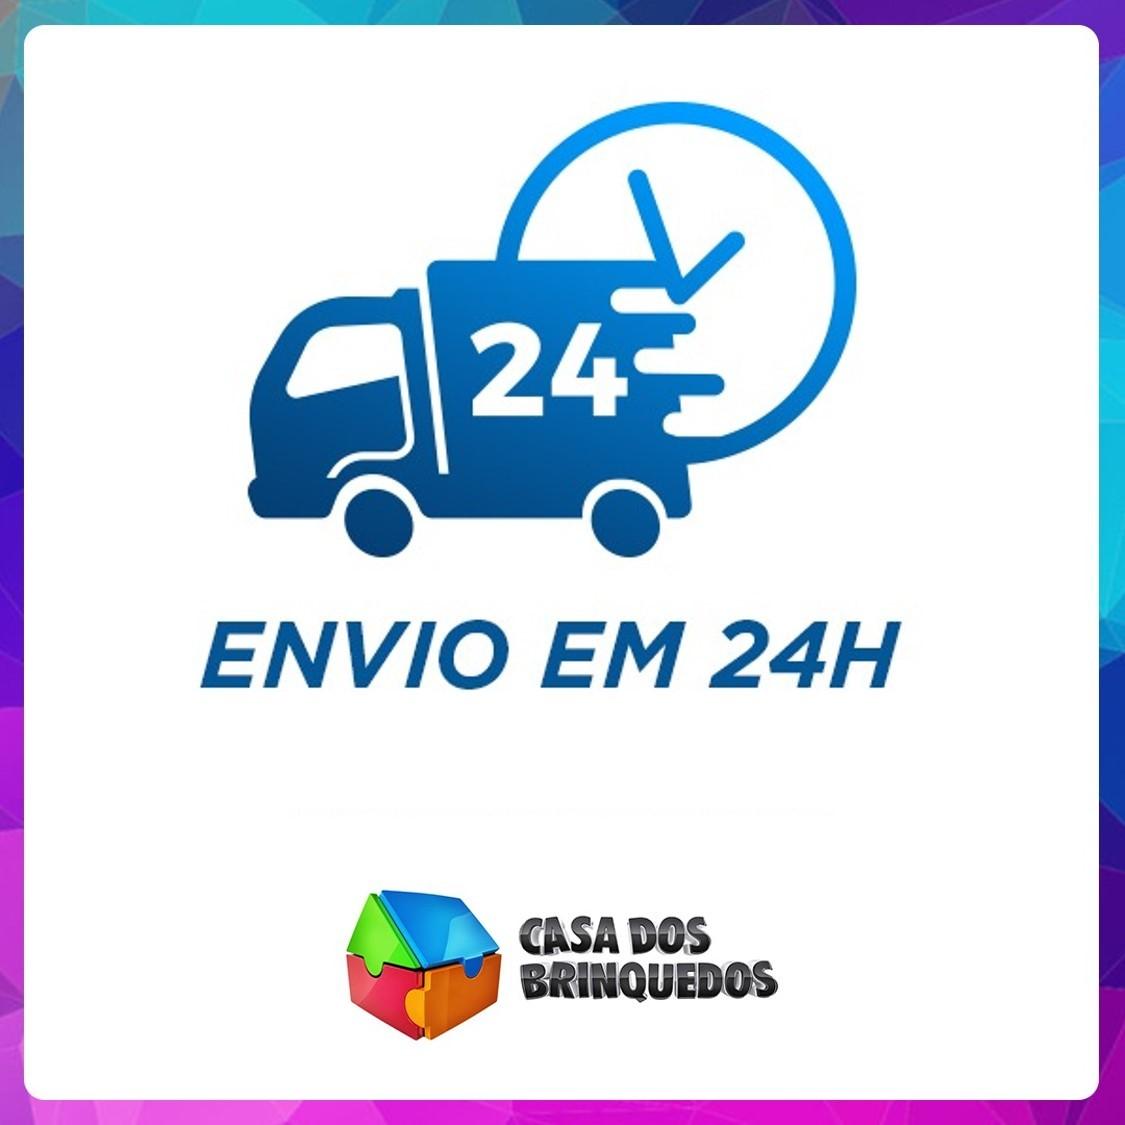 CARRINHO DE BONECA PEQUENA MAMÃE REBORN 0314 TILIN